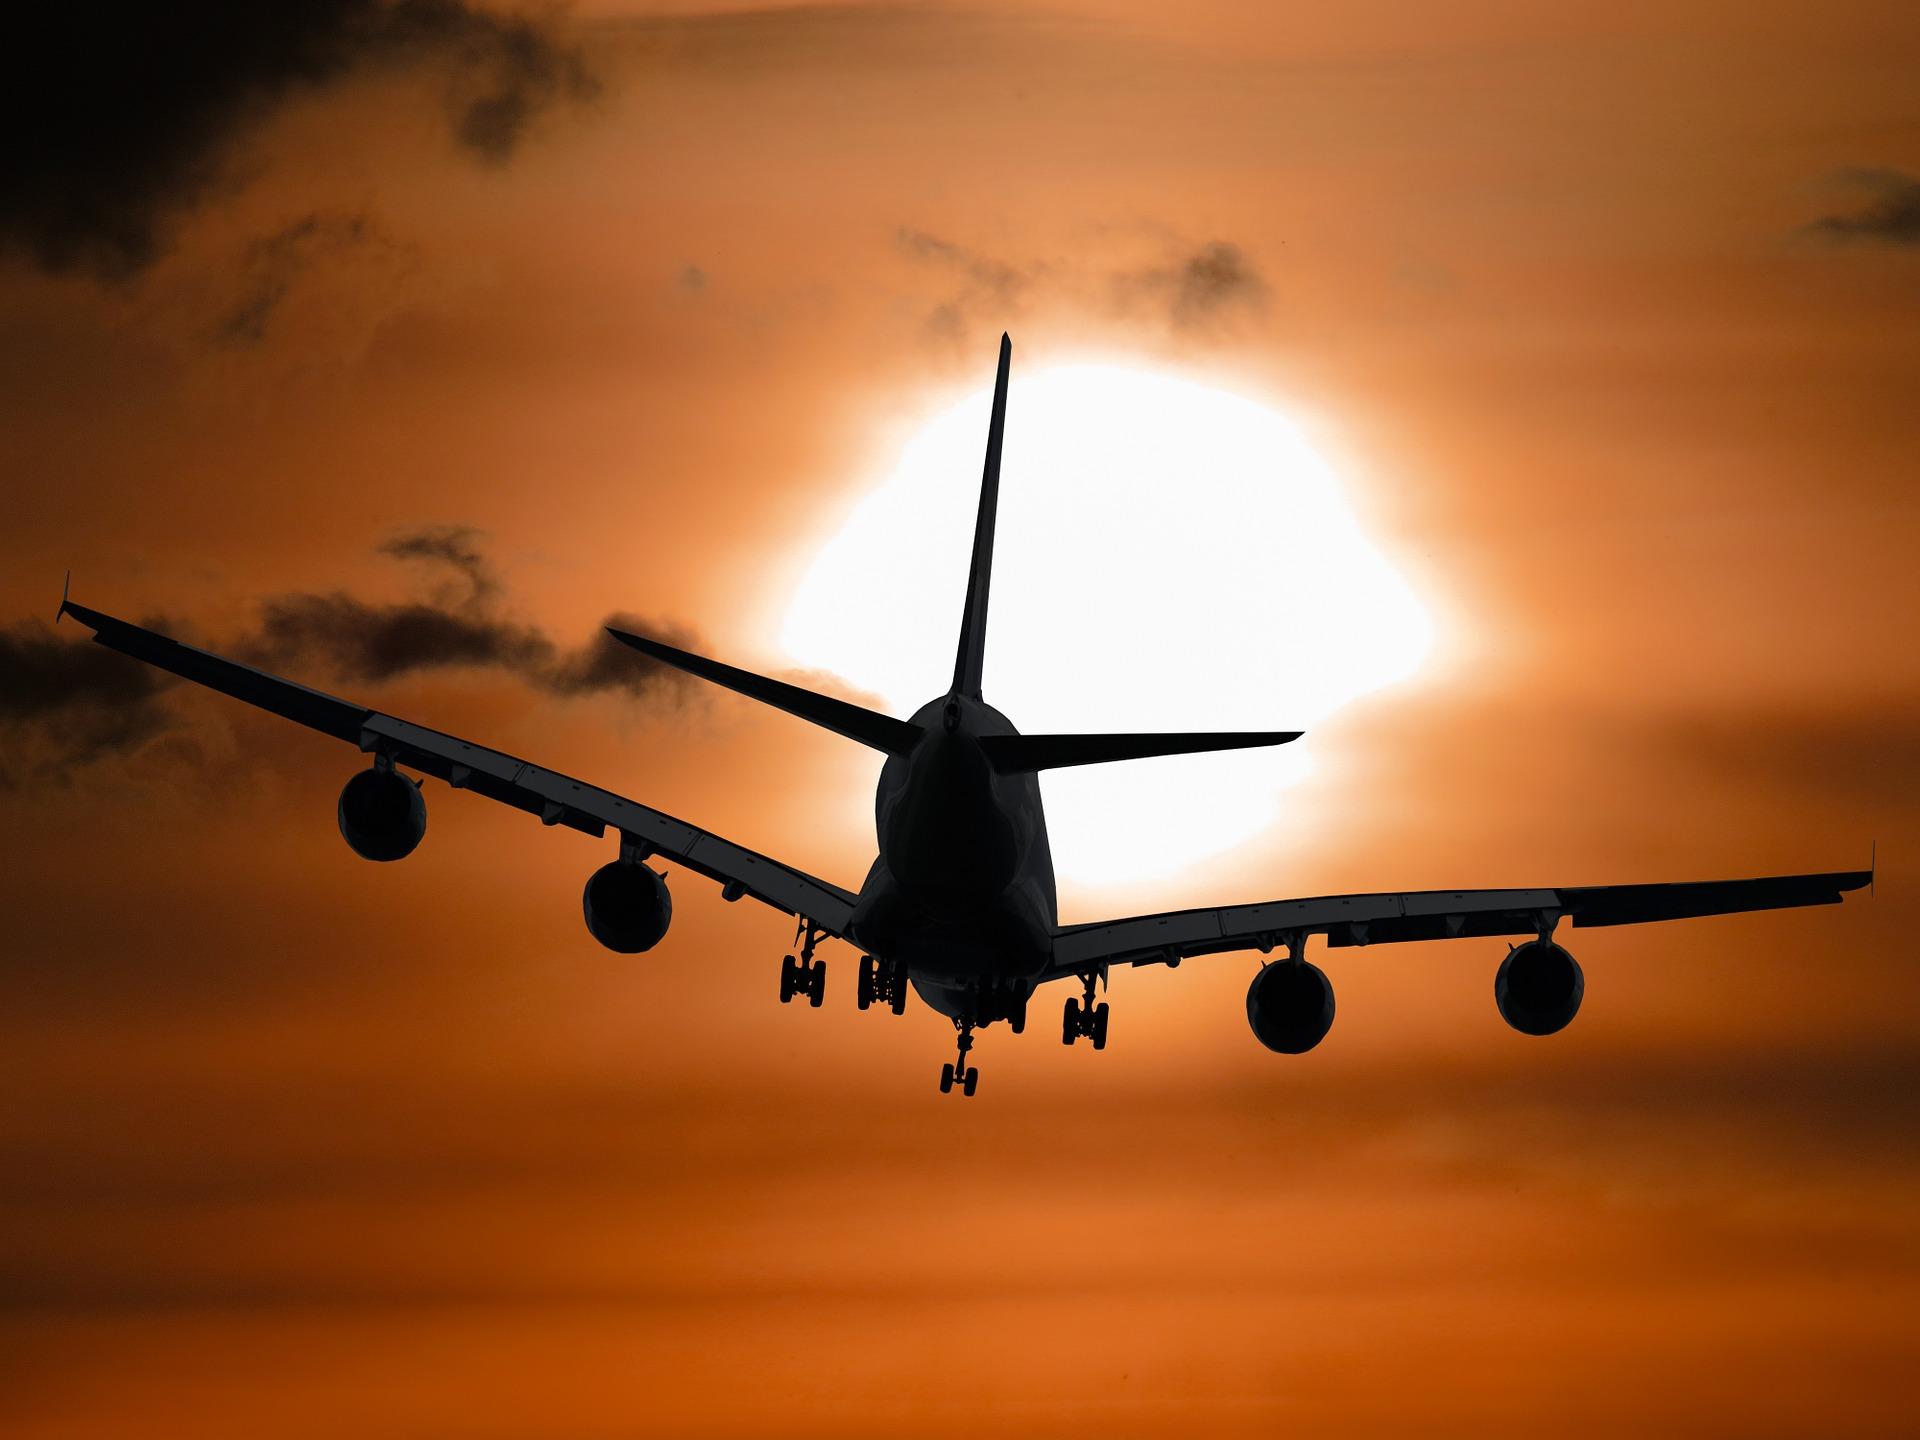 Yo siempre tengo ganas de viajar. ¿Adónde quieres viajar tú?